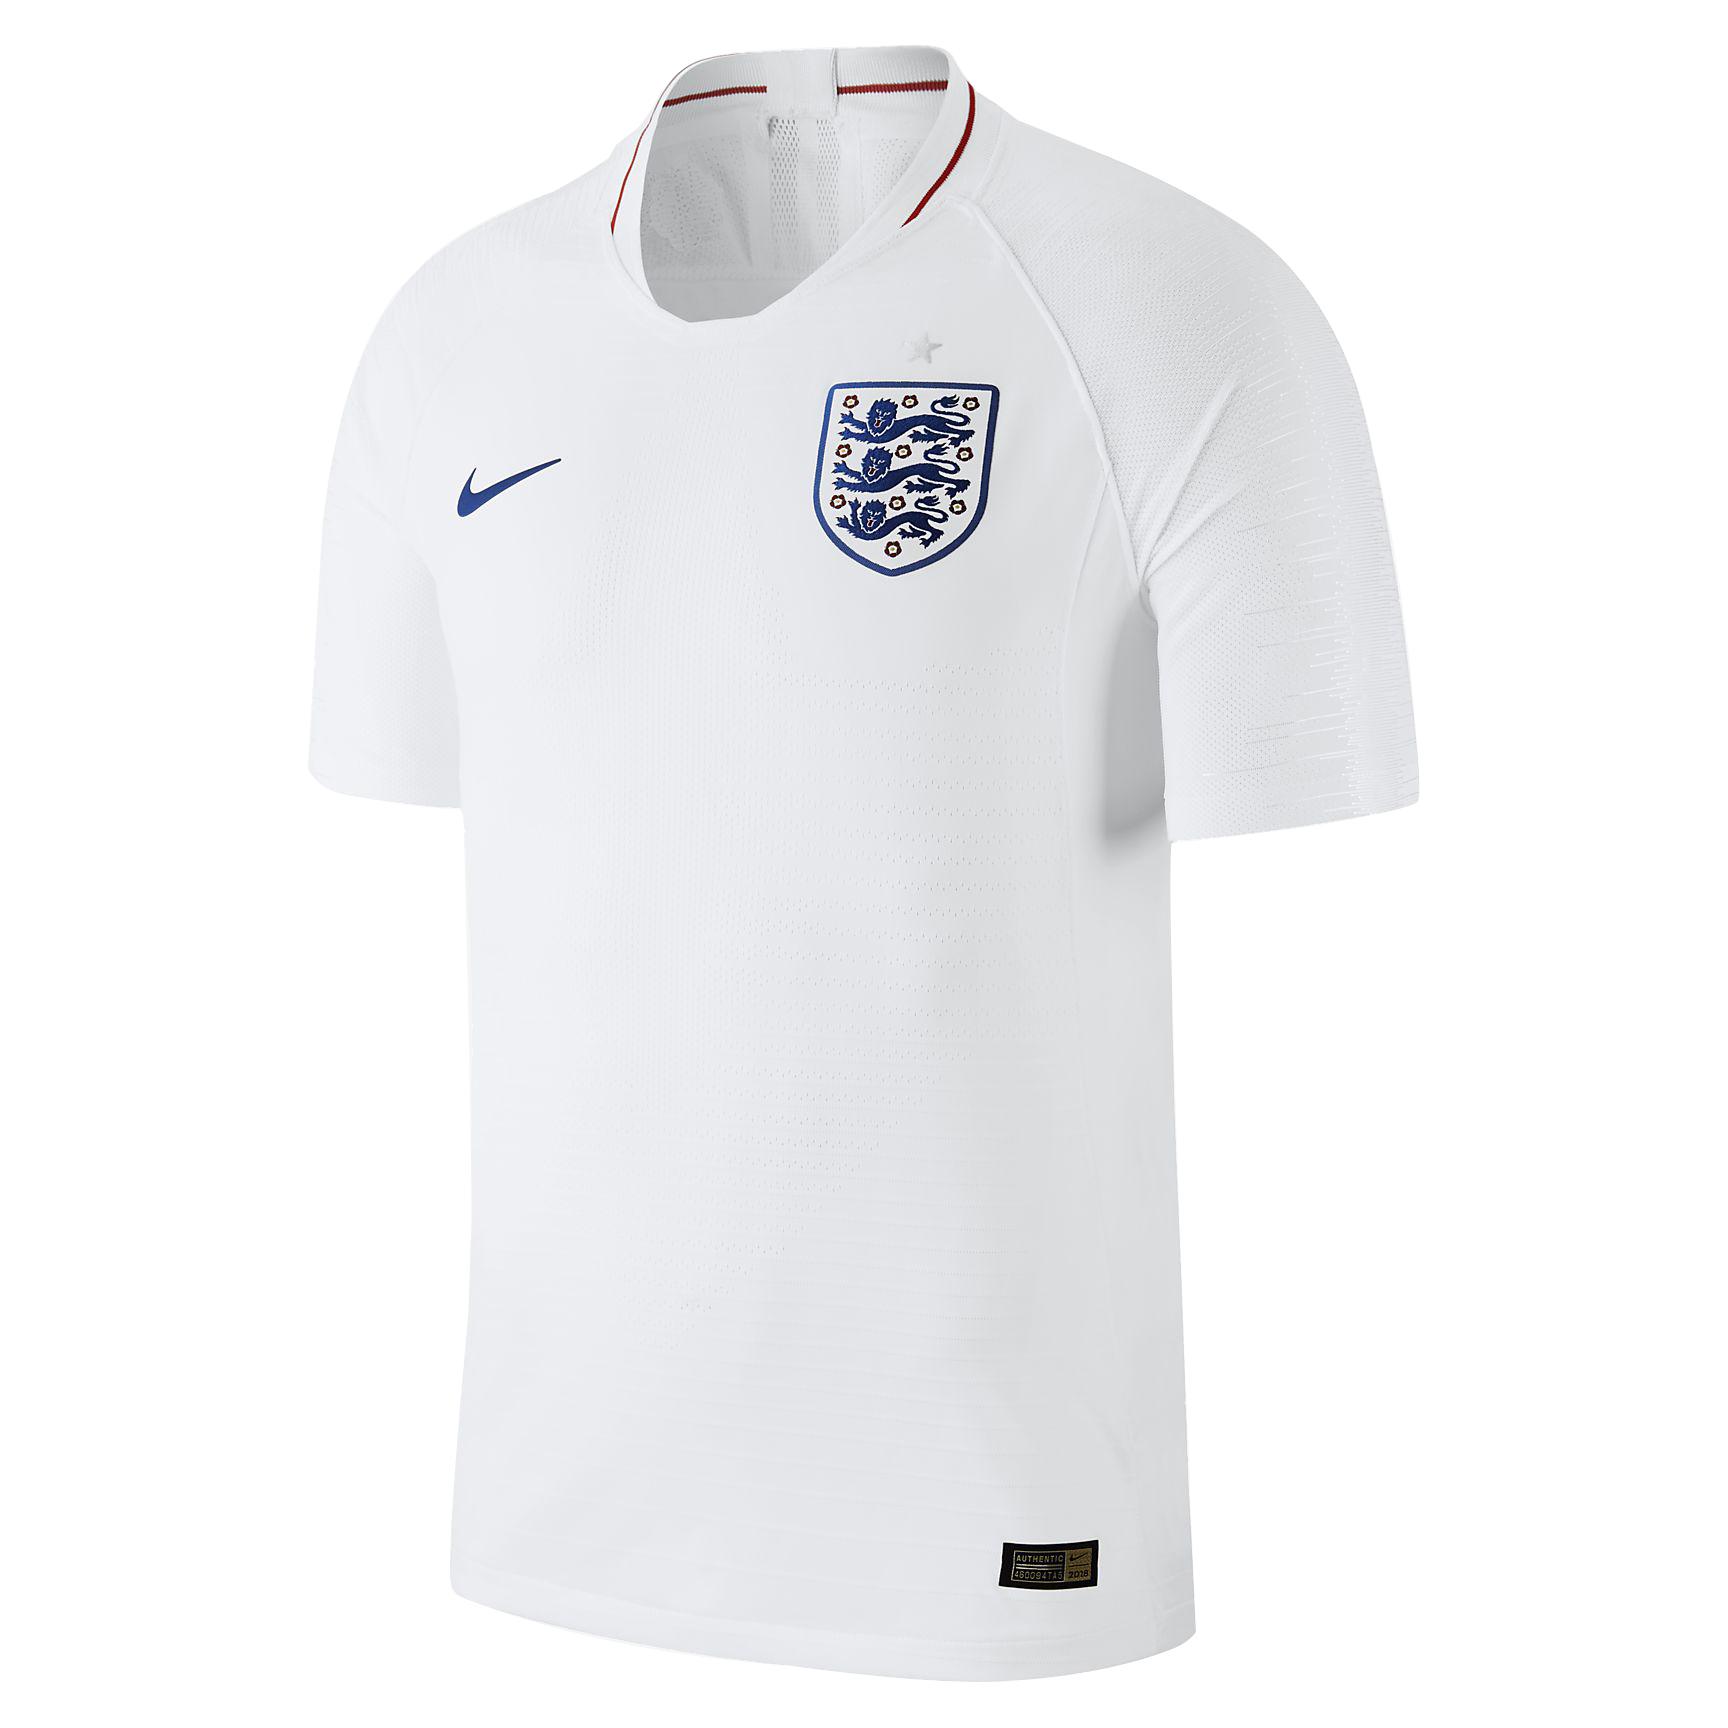 67d8e3d5efb England soccer jerseys FIFA World Cup 2018 Home football Jersey Men - Match